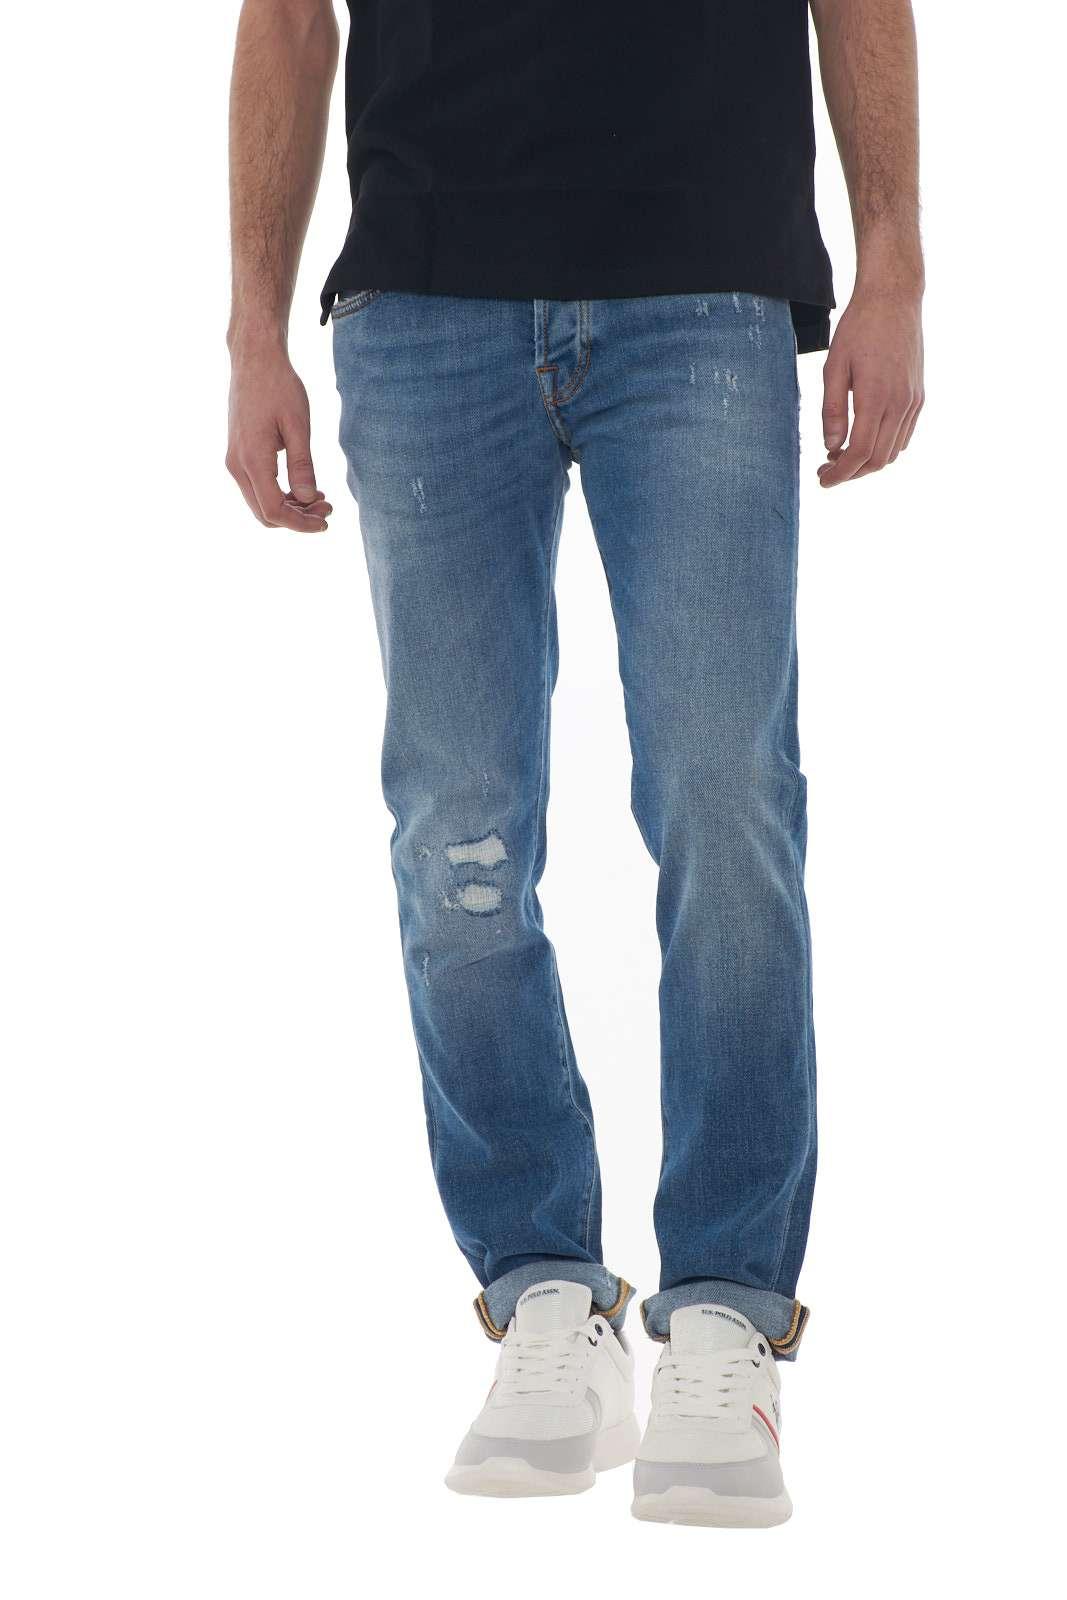 Un comodo jeans dal lavaggio medio e dalla vestibilità slim per il modello Acapulco firmato dalla nuova collezione primavera estate di Roy Roger s. Da indossare con polo o maglie, si adatta ad ogni look. Ideale per gli outfit metropolitani, conquista per le sue lievi usure e il suo stile. Il modello è alto 1.80m e indossa la taglia 31.